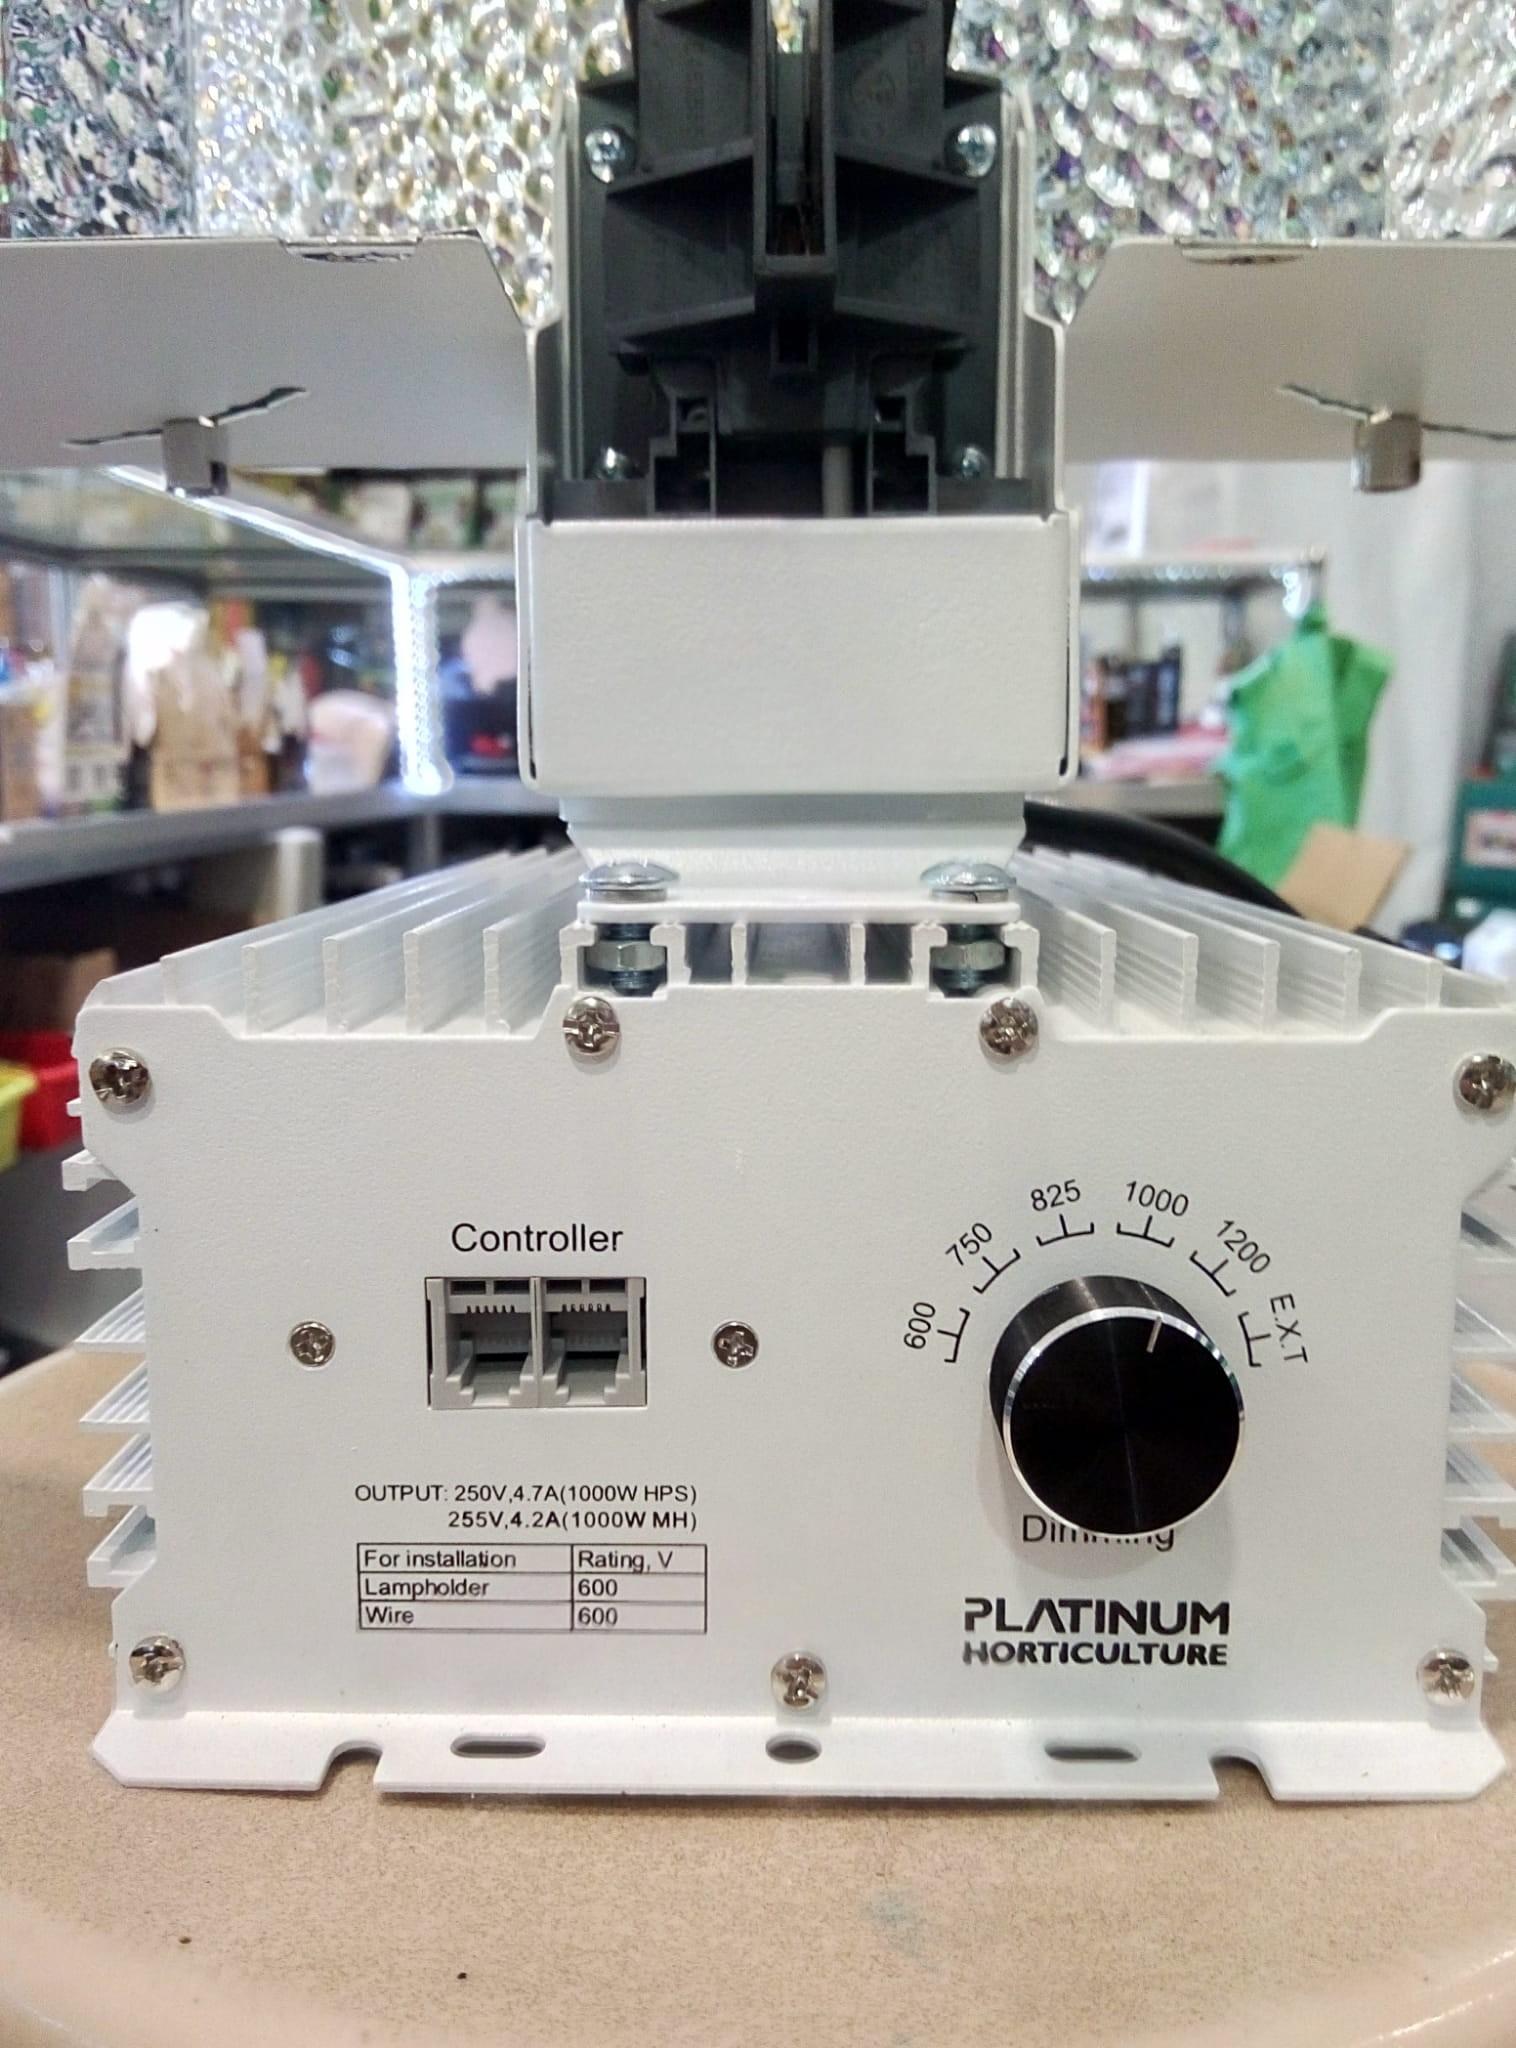 Luminaria HPS Comet 1000W DE Platinum Horticulture 1